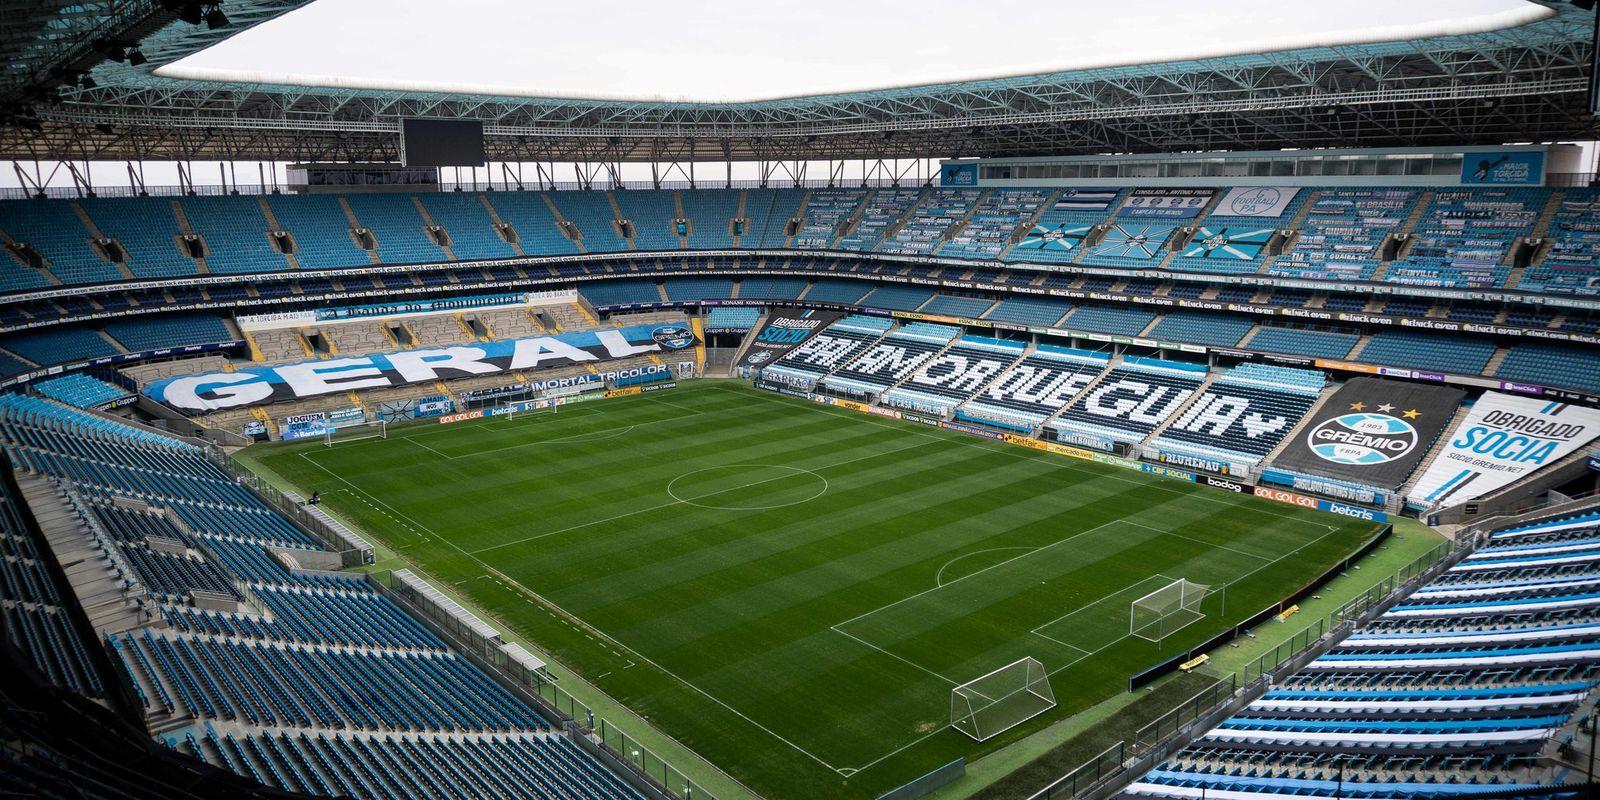 Com objetivos divergentes, Grêmio e Corinthians se enfrentam na noite deste sábado (28), às 21h, na Arena do Grêmio, em Porto Alegre-RS